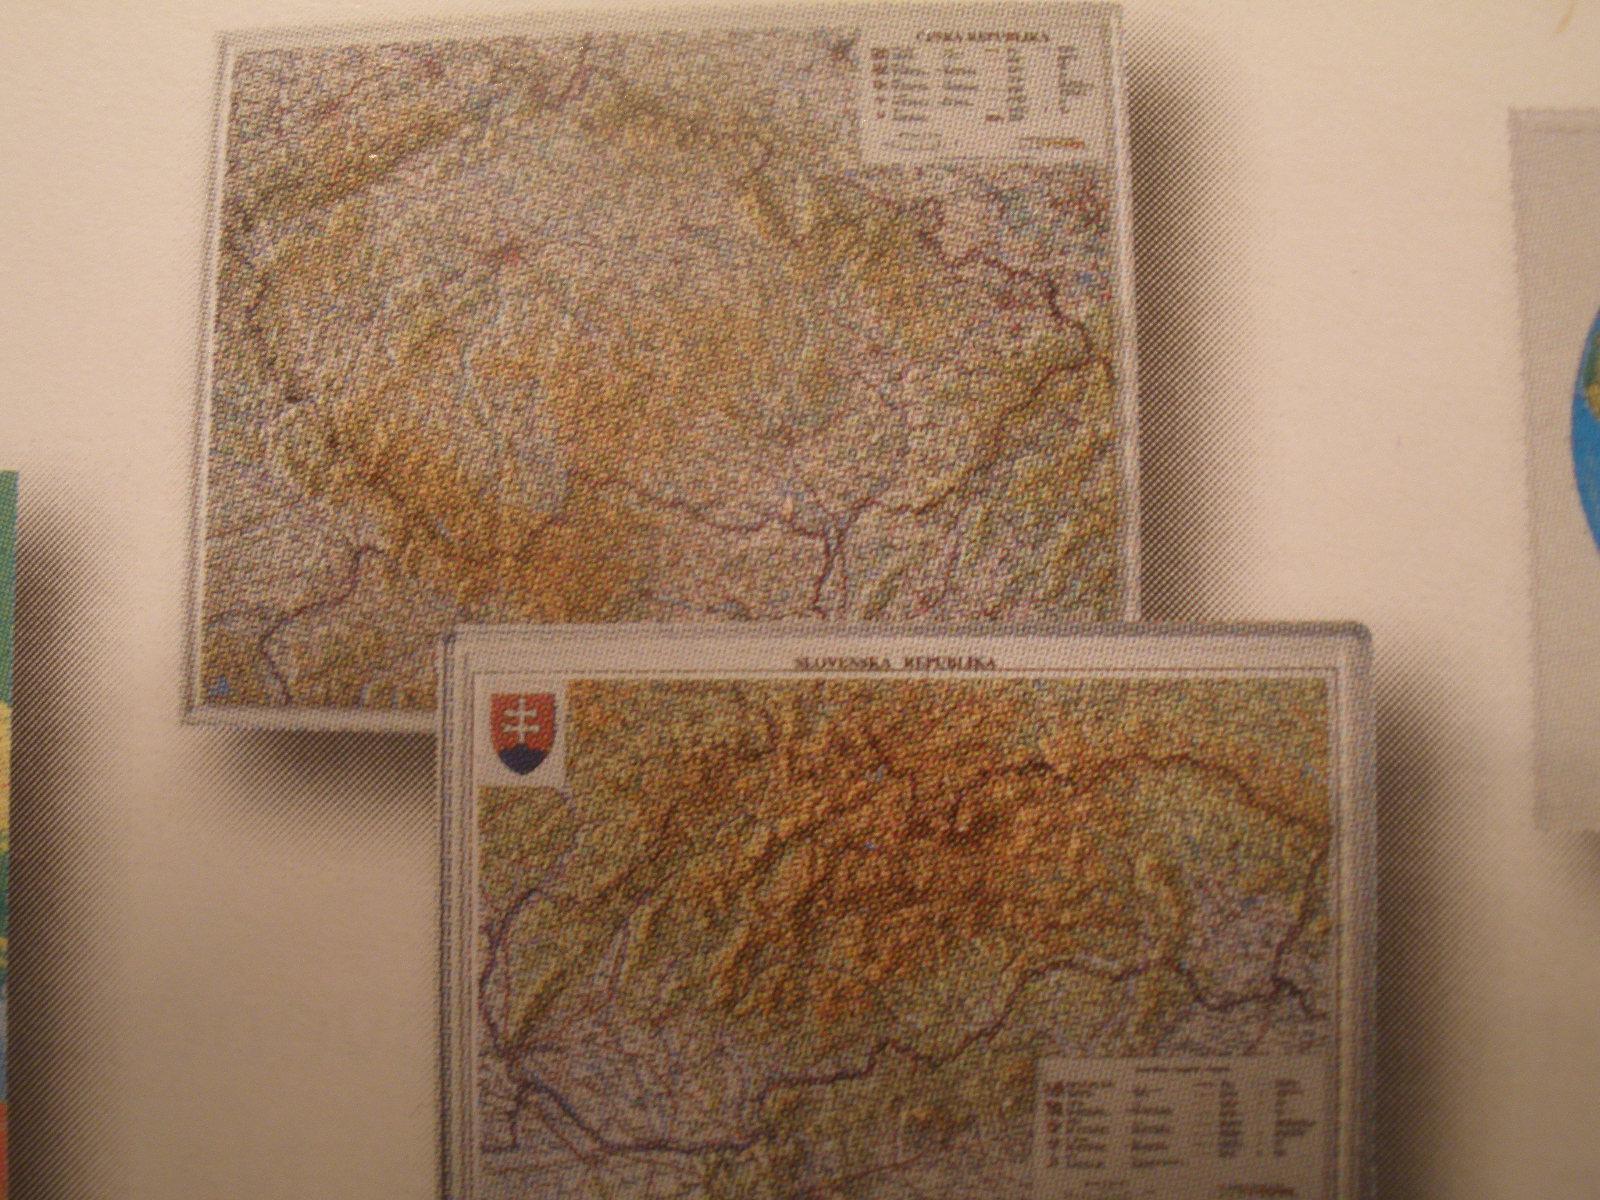 ČR = reliéfna mapa, mierka 1:500.000, 92 x 63 cm